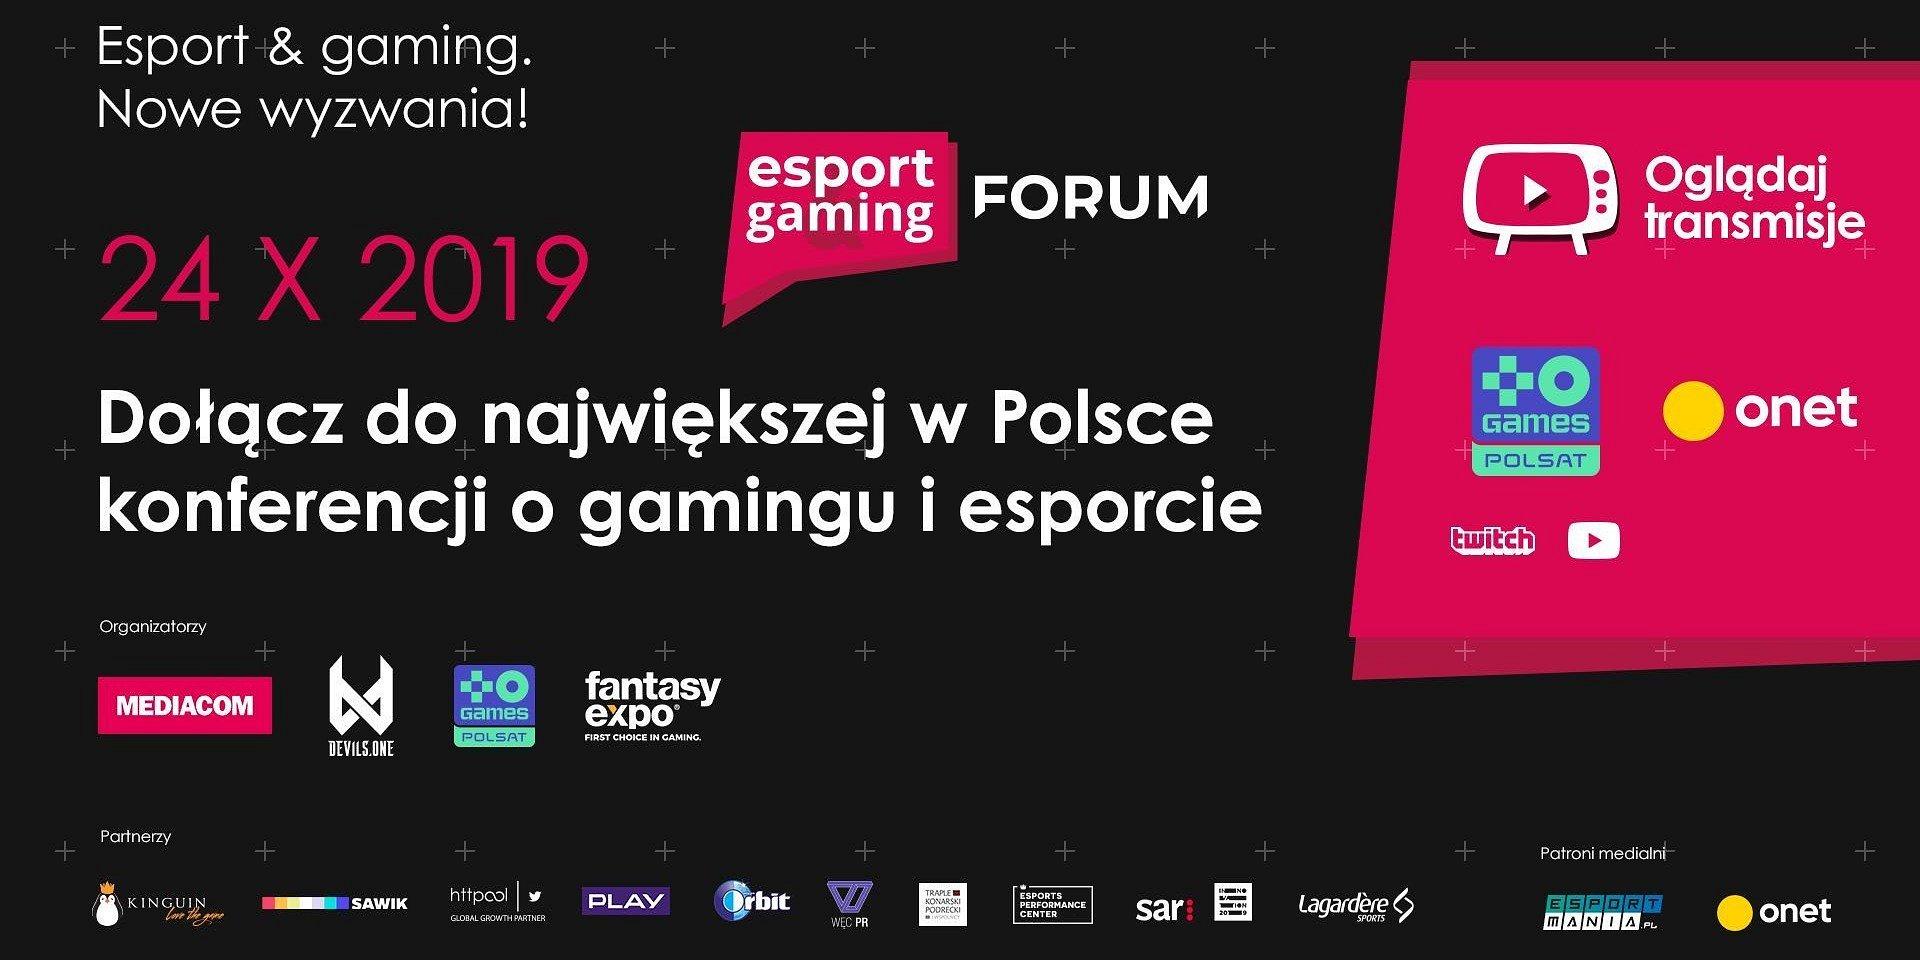 Esport & Gaming Forum - to już druga edycja największej w Polsce konferencji poświęconej cyfrowej rozrywce i sportom elektronicznym